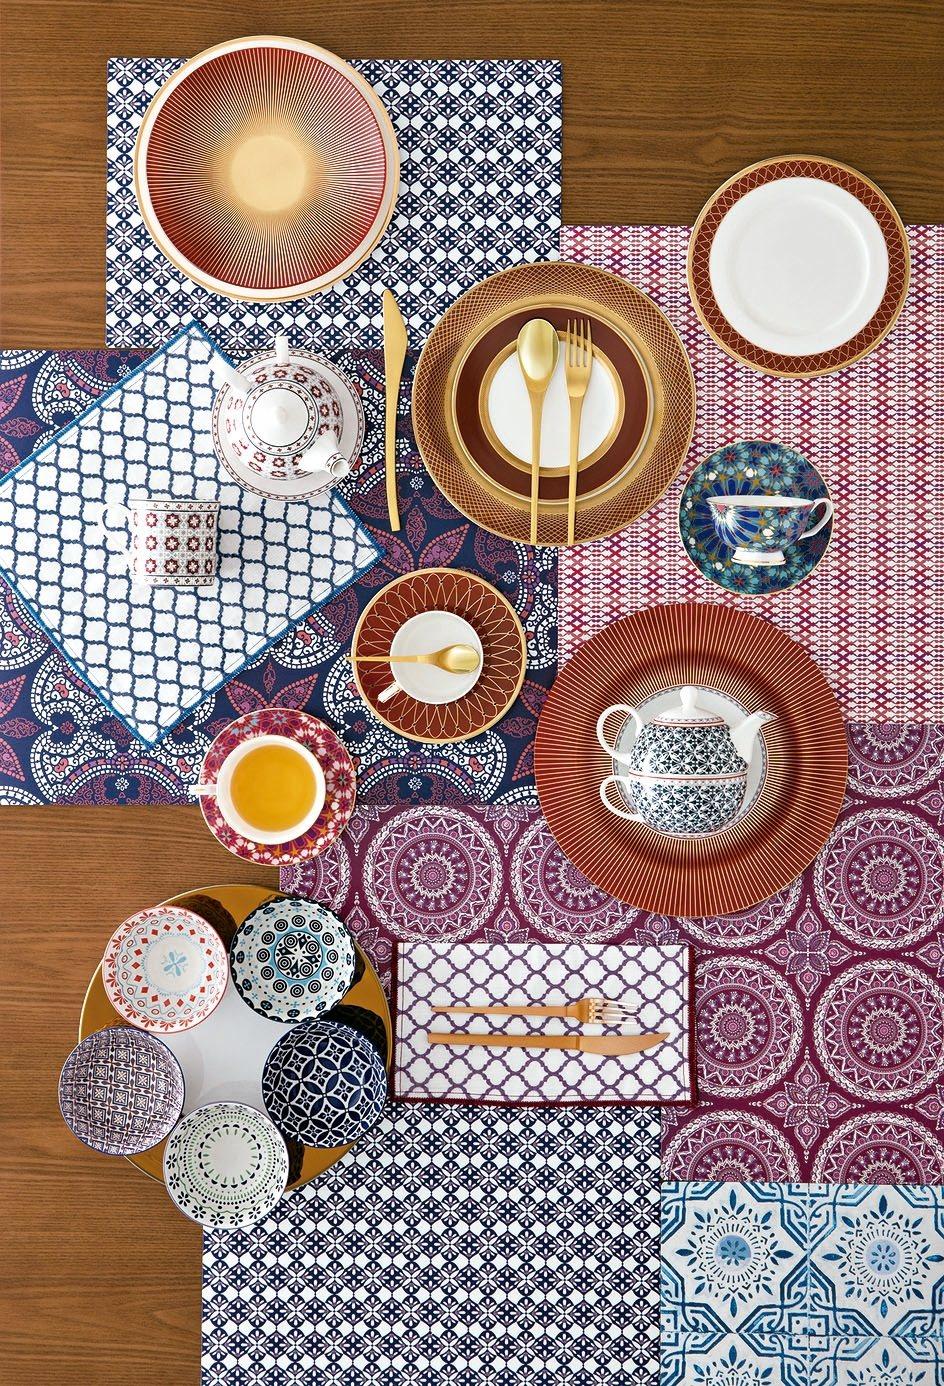 隨著季節變化更換碗盤食器,也能為餐桌呈現異國風情。 圖/HOLA提供